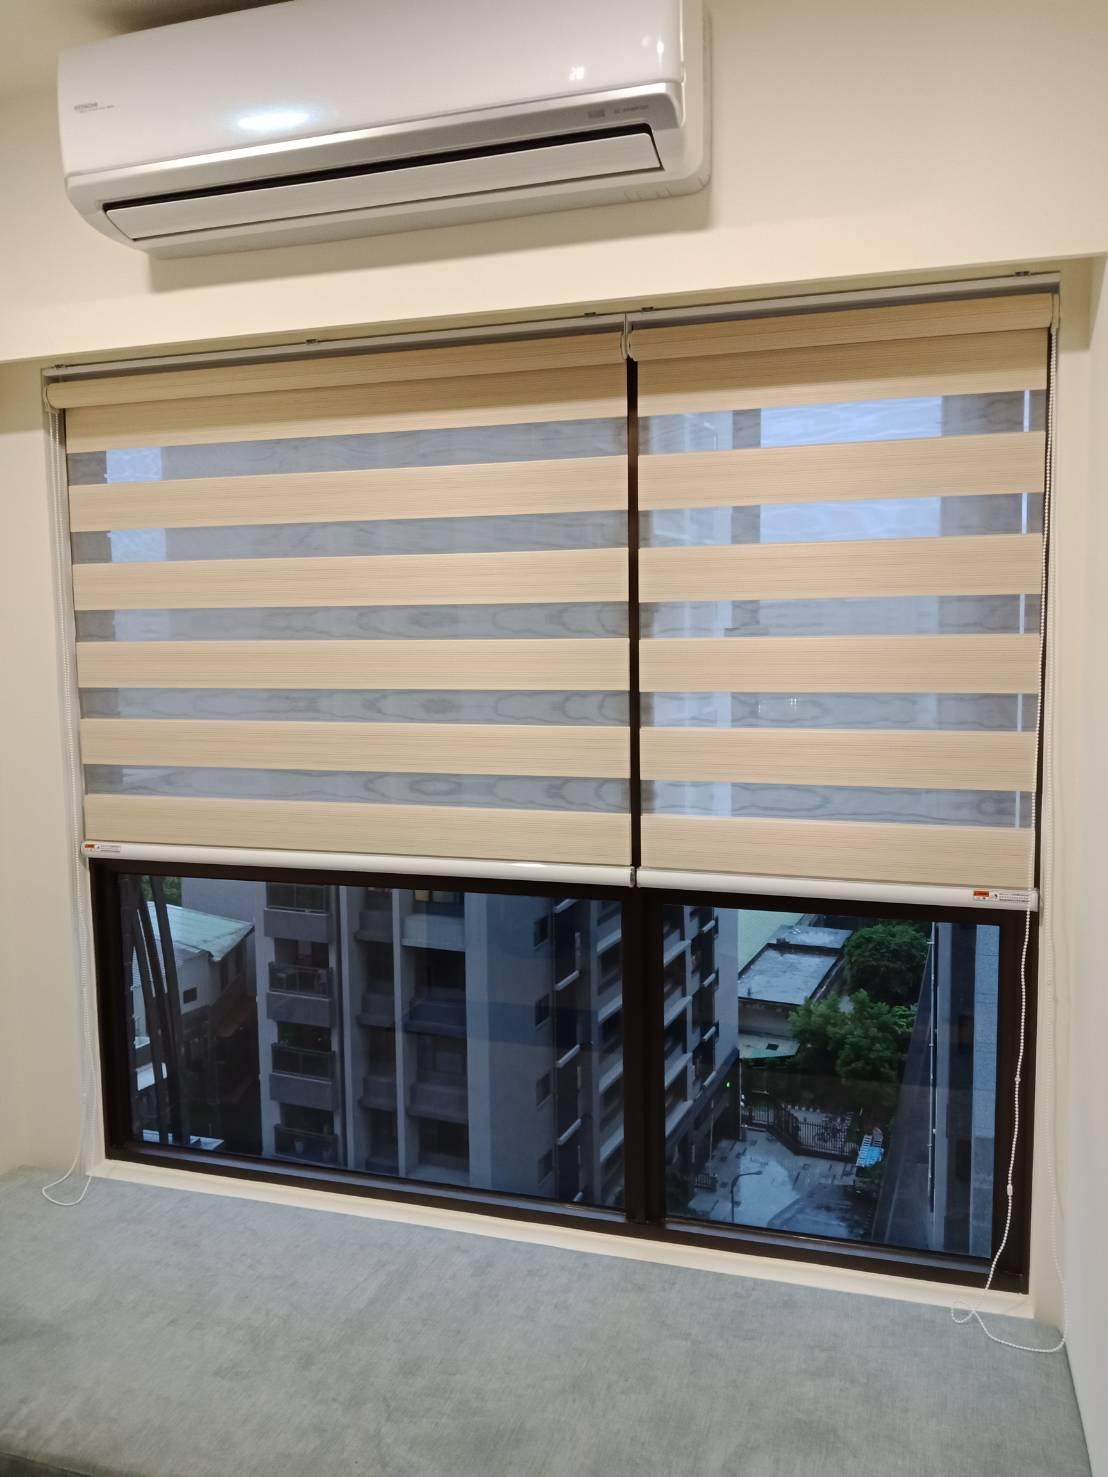 板橋家傳社區_客廳景觀窗{依窗框分大小窗製作}